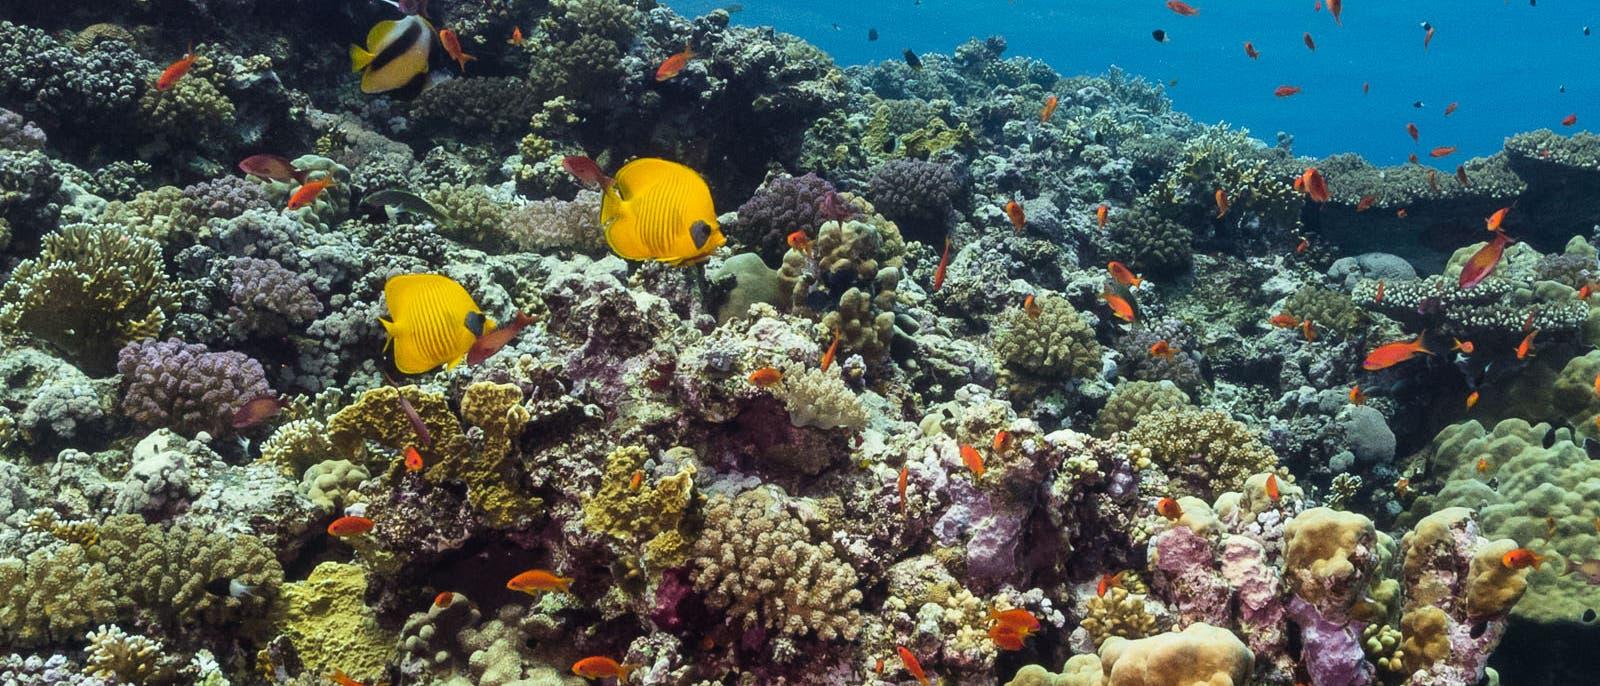 Ägyptische Rotmeerküste 2017: Im Jahr nach dem starken El Niño zeigt das Riff keine Anzeichen einer Korallenbleiche.